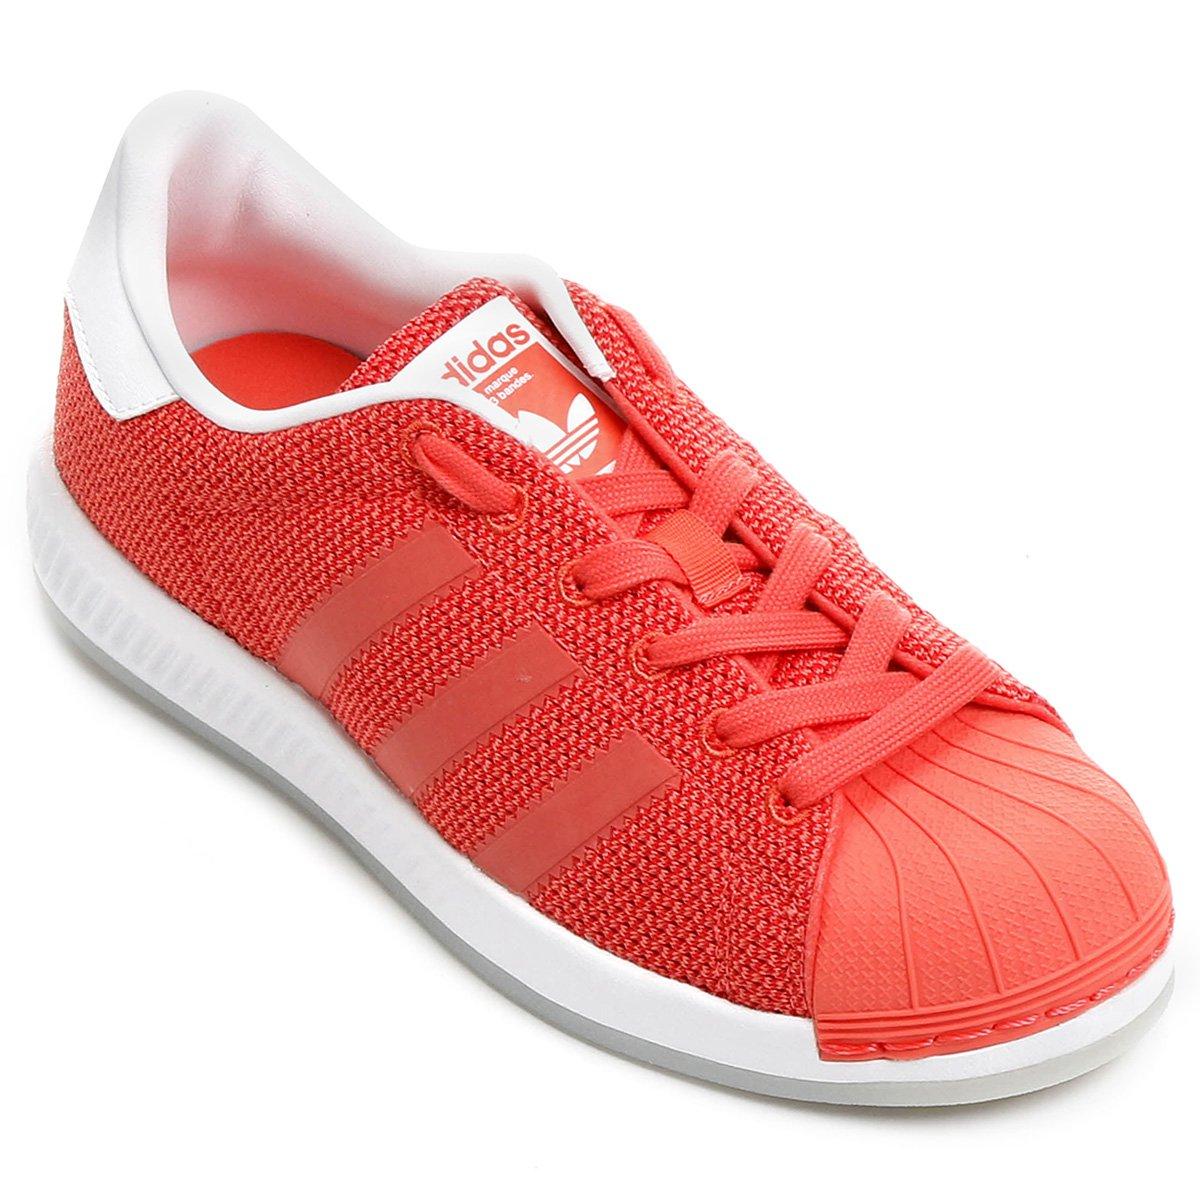 Tênis Adidas Superstar Bounce J Infantil - Compre Agora  83c8064fd7b29